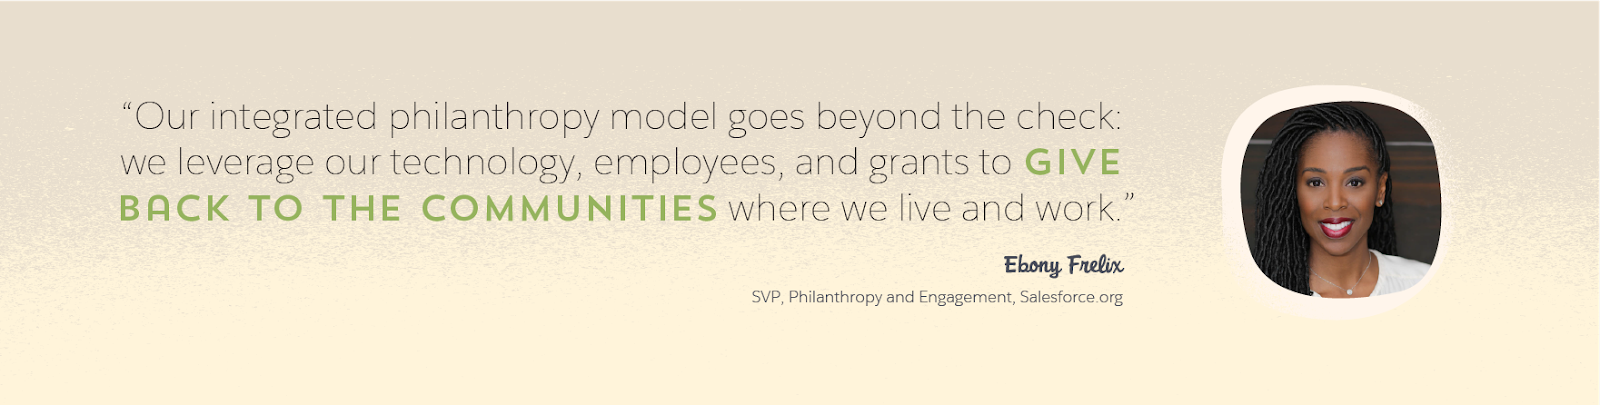 Image d'Ebony Frelix, SVP de Salesforce.org chargée de la philanthropie et de l'engagement, avec une citation d'elle: «Notre modèle d'incorporation de la philanthropie va au-delà des chèques: nous mettons en œuvre notre technologie, nos employés, et nos donations pour donner aux communautés dans lesquelles nous vivons et travaillons.»